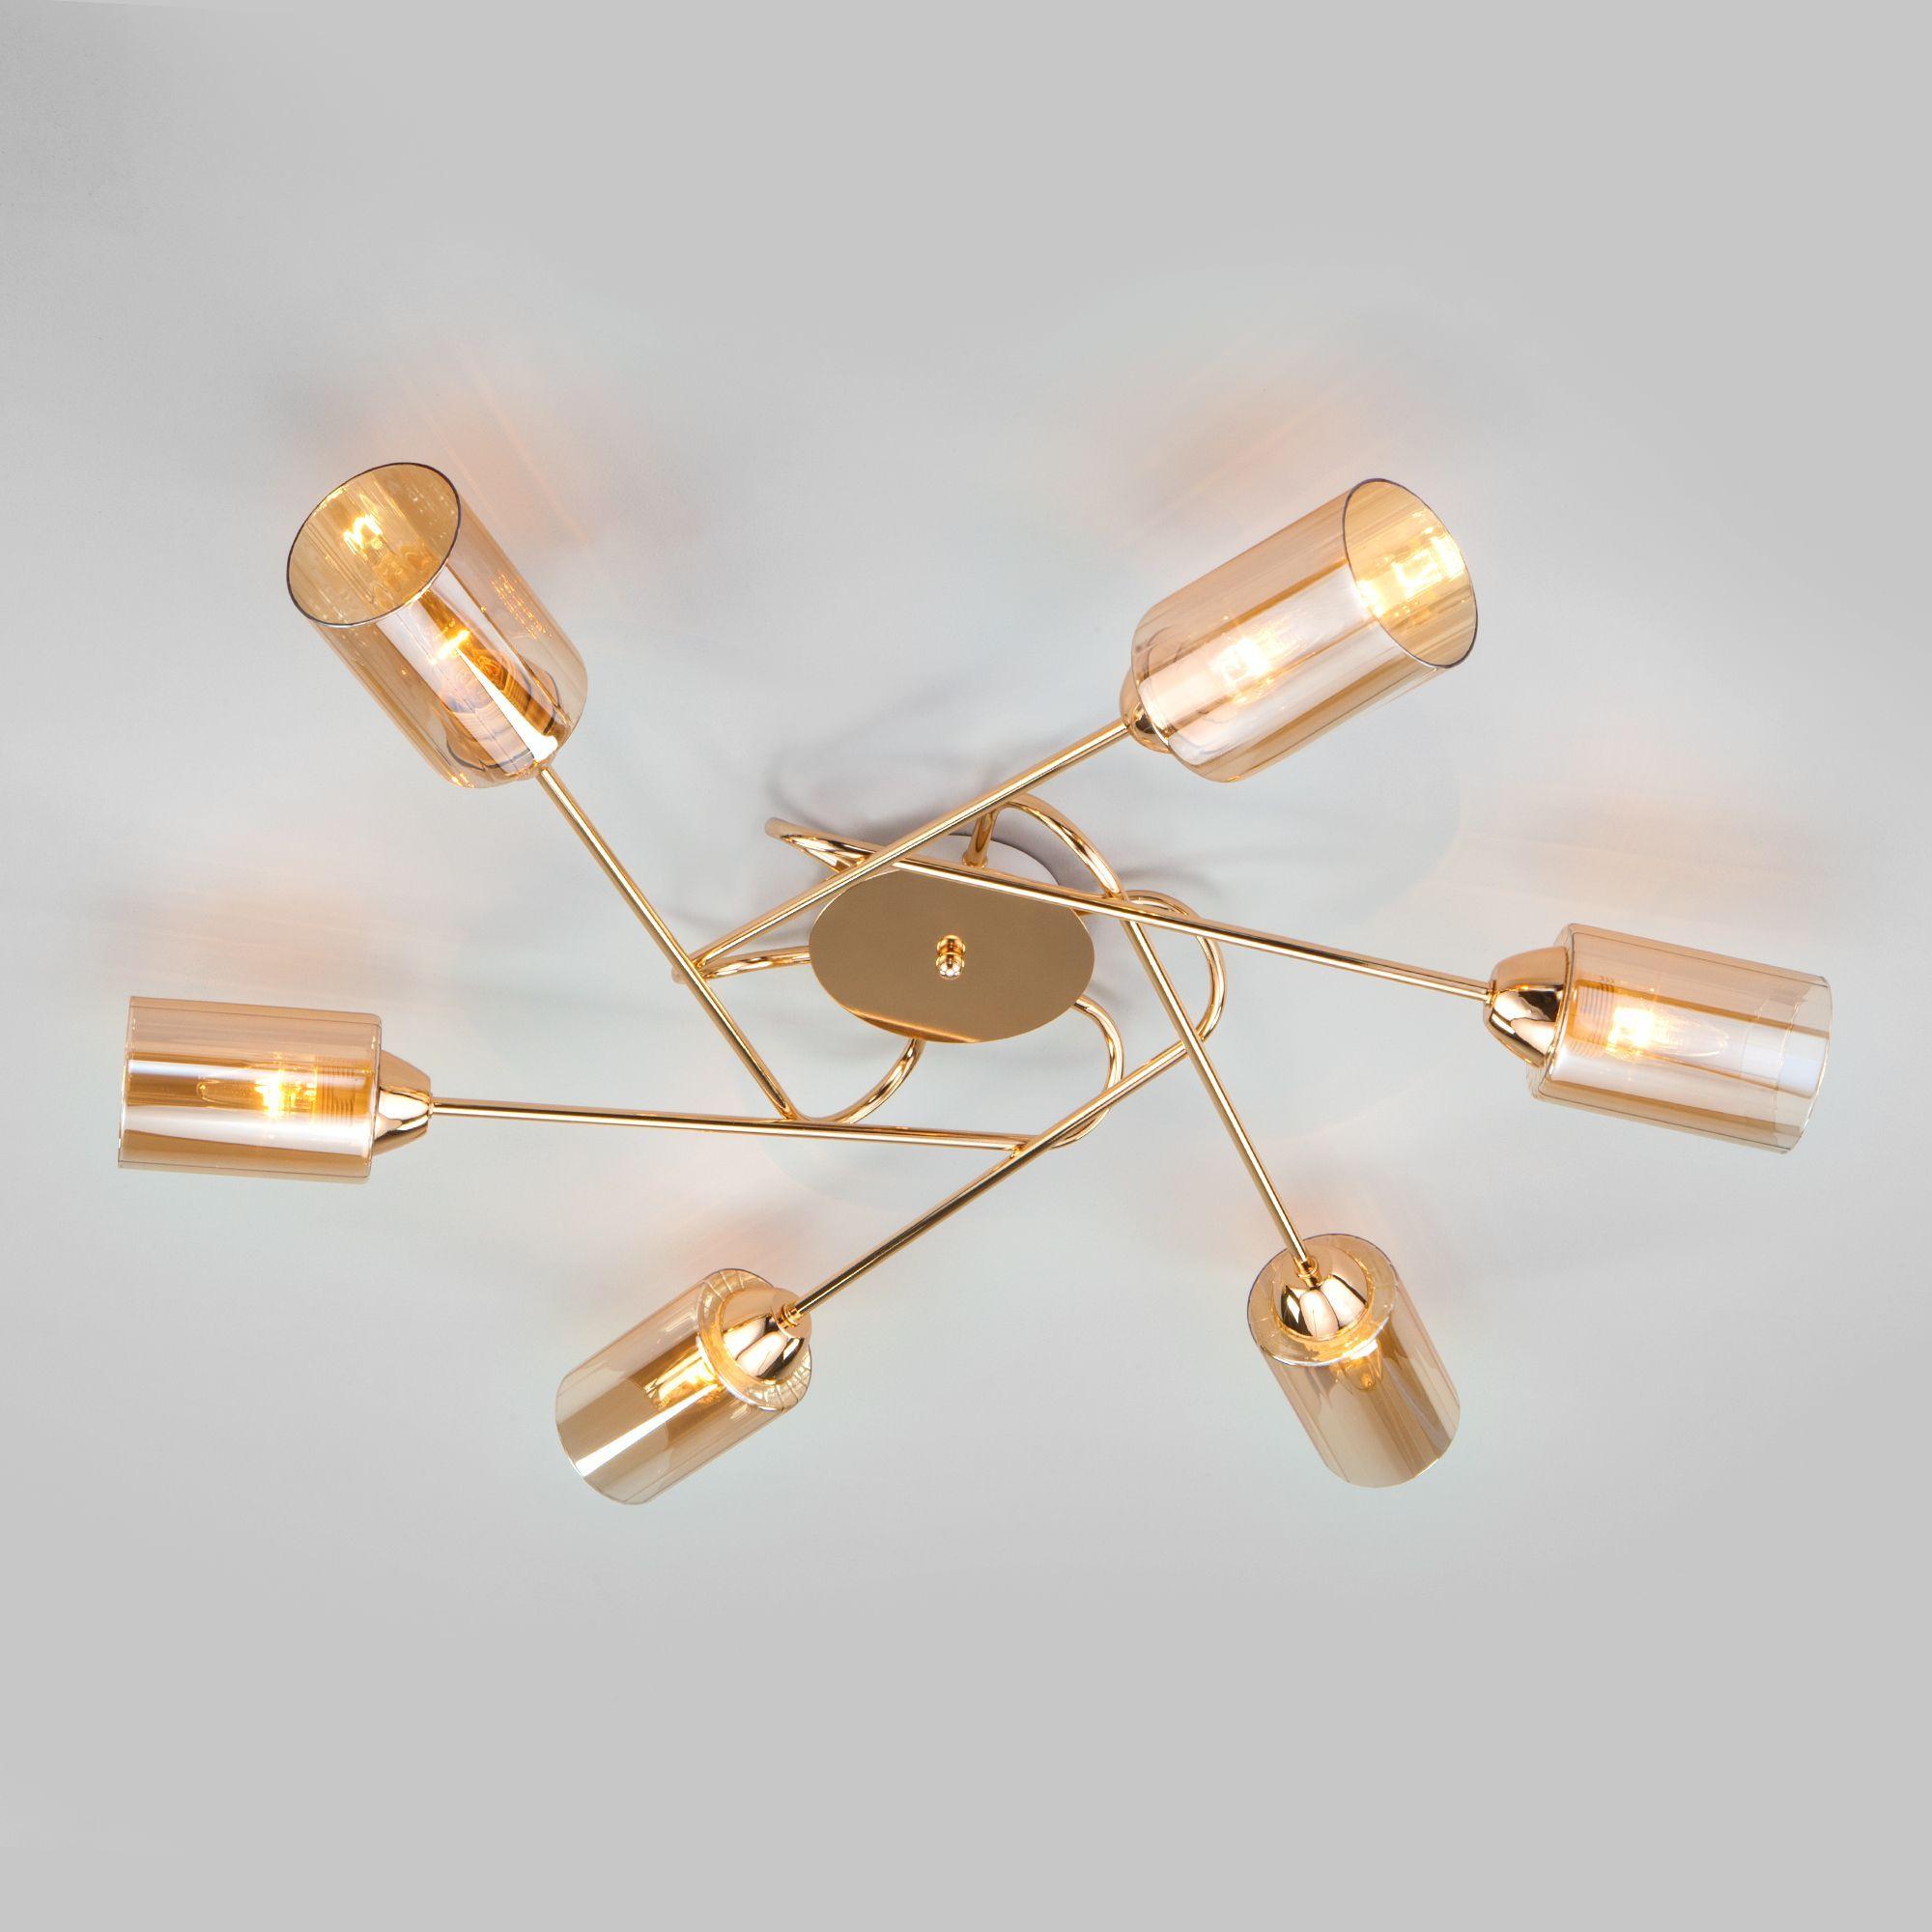 Потолочная люстра со стеклянными плафонами 30167/6 золото